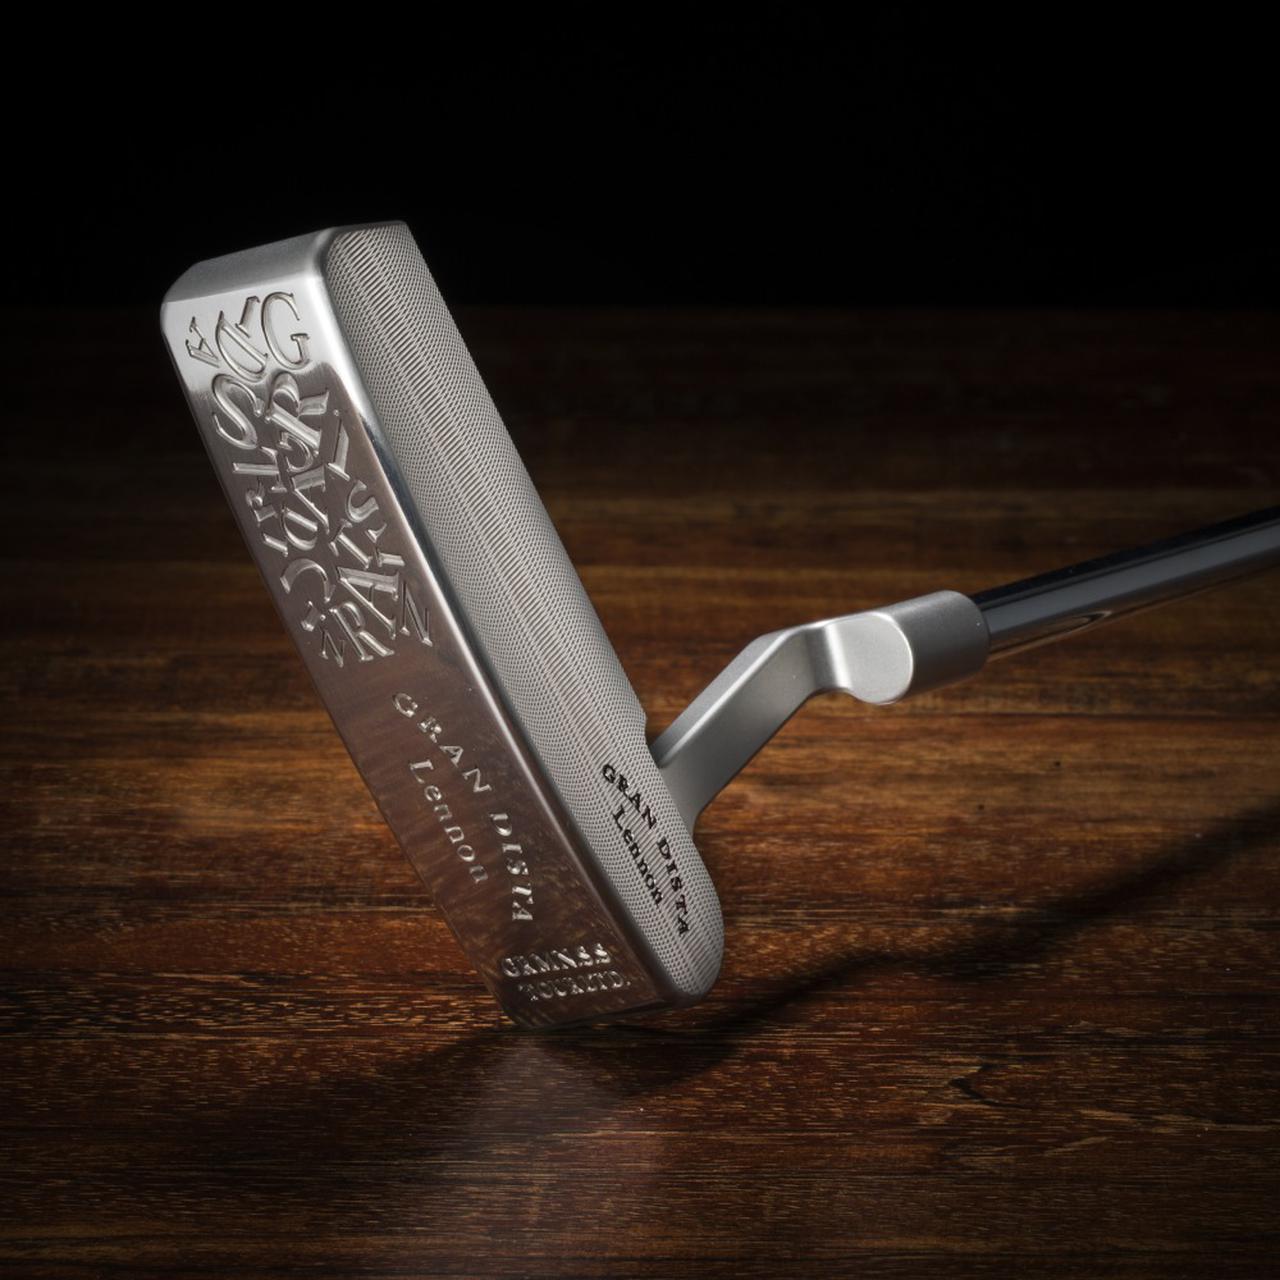 画像1: ジャーマンステンレススチール製「グランディスタ レノン パター」最高の打感。最高の音。|ゴルフダイジェスト公式通販サイト「ゴルフポケット」